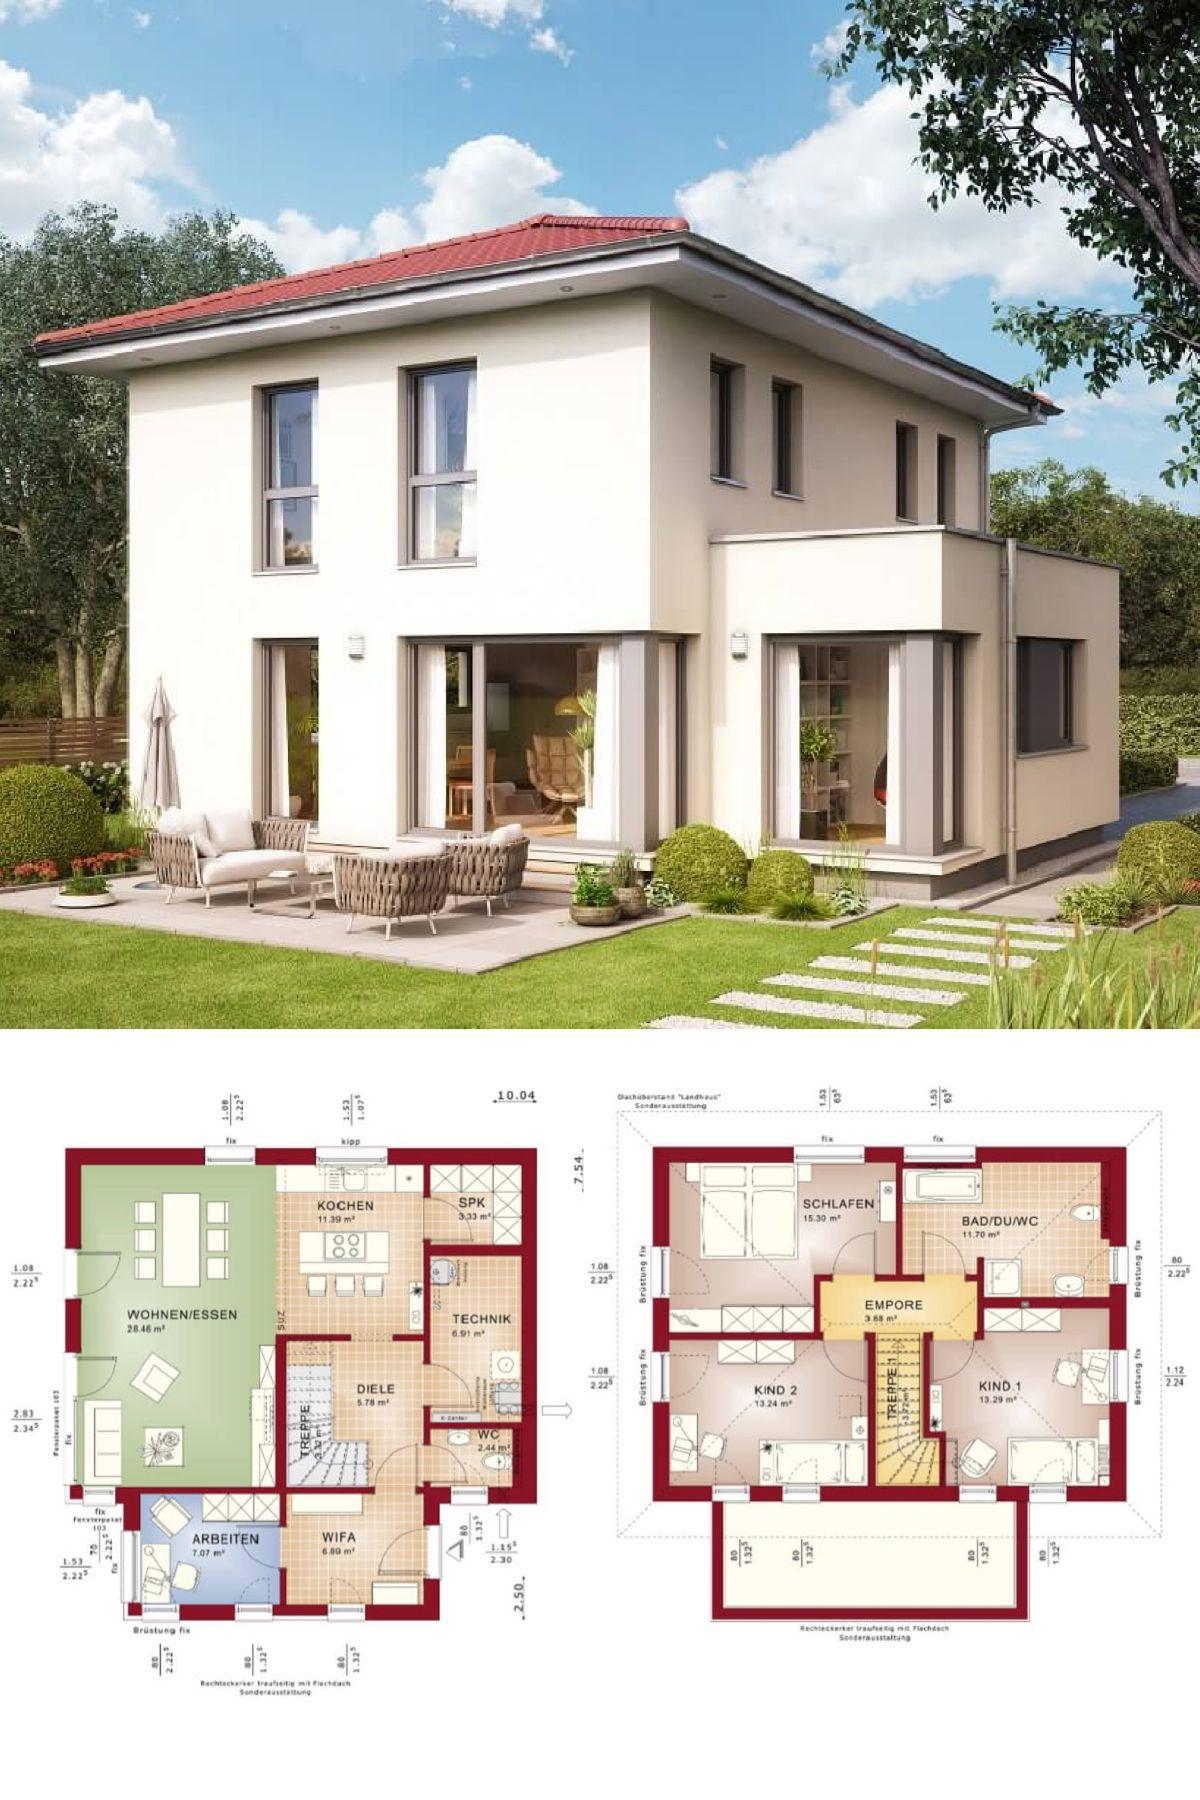 Exquisit Haus Anbau Dekoration Von Klassische Stadtvilla Mit Walmdach Und Erker -